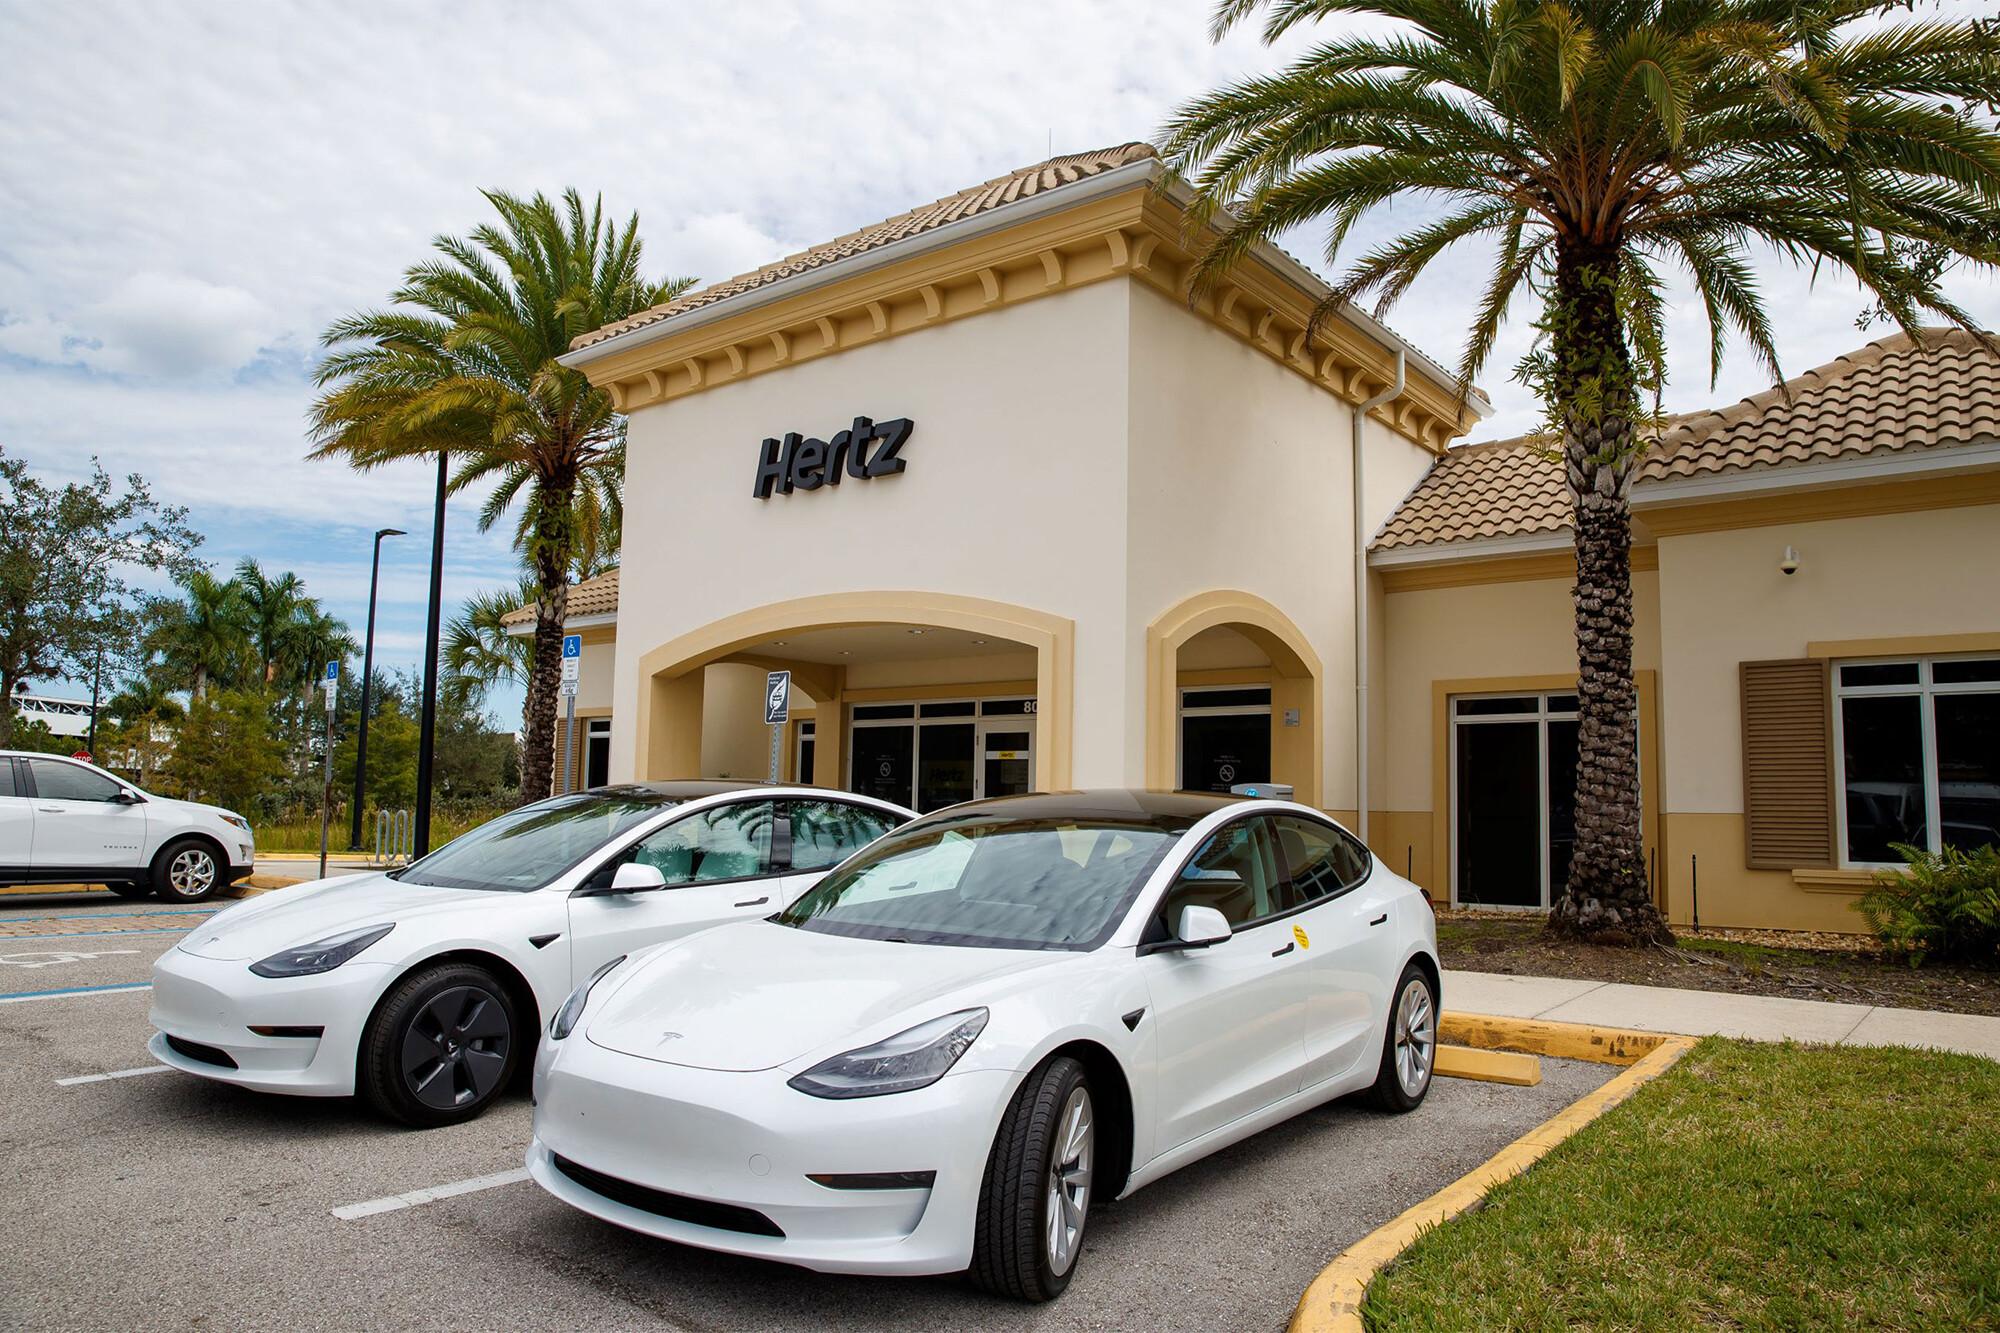 Hertz is buying 100,000 Teslas